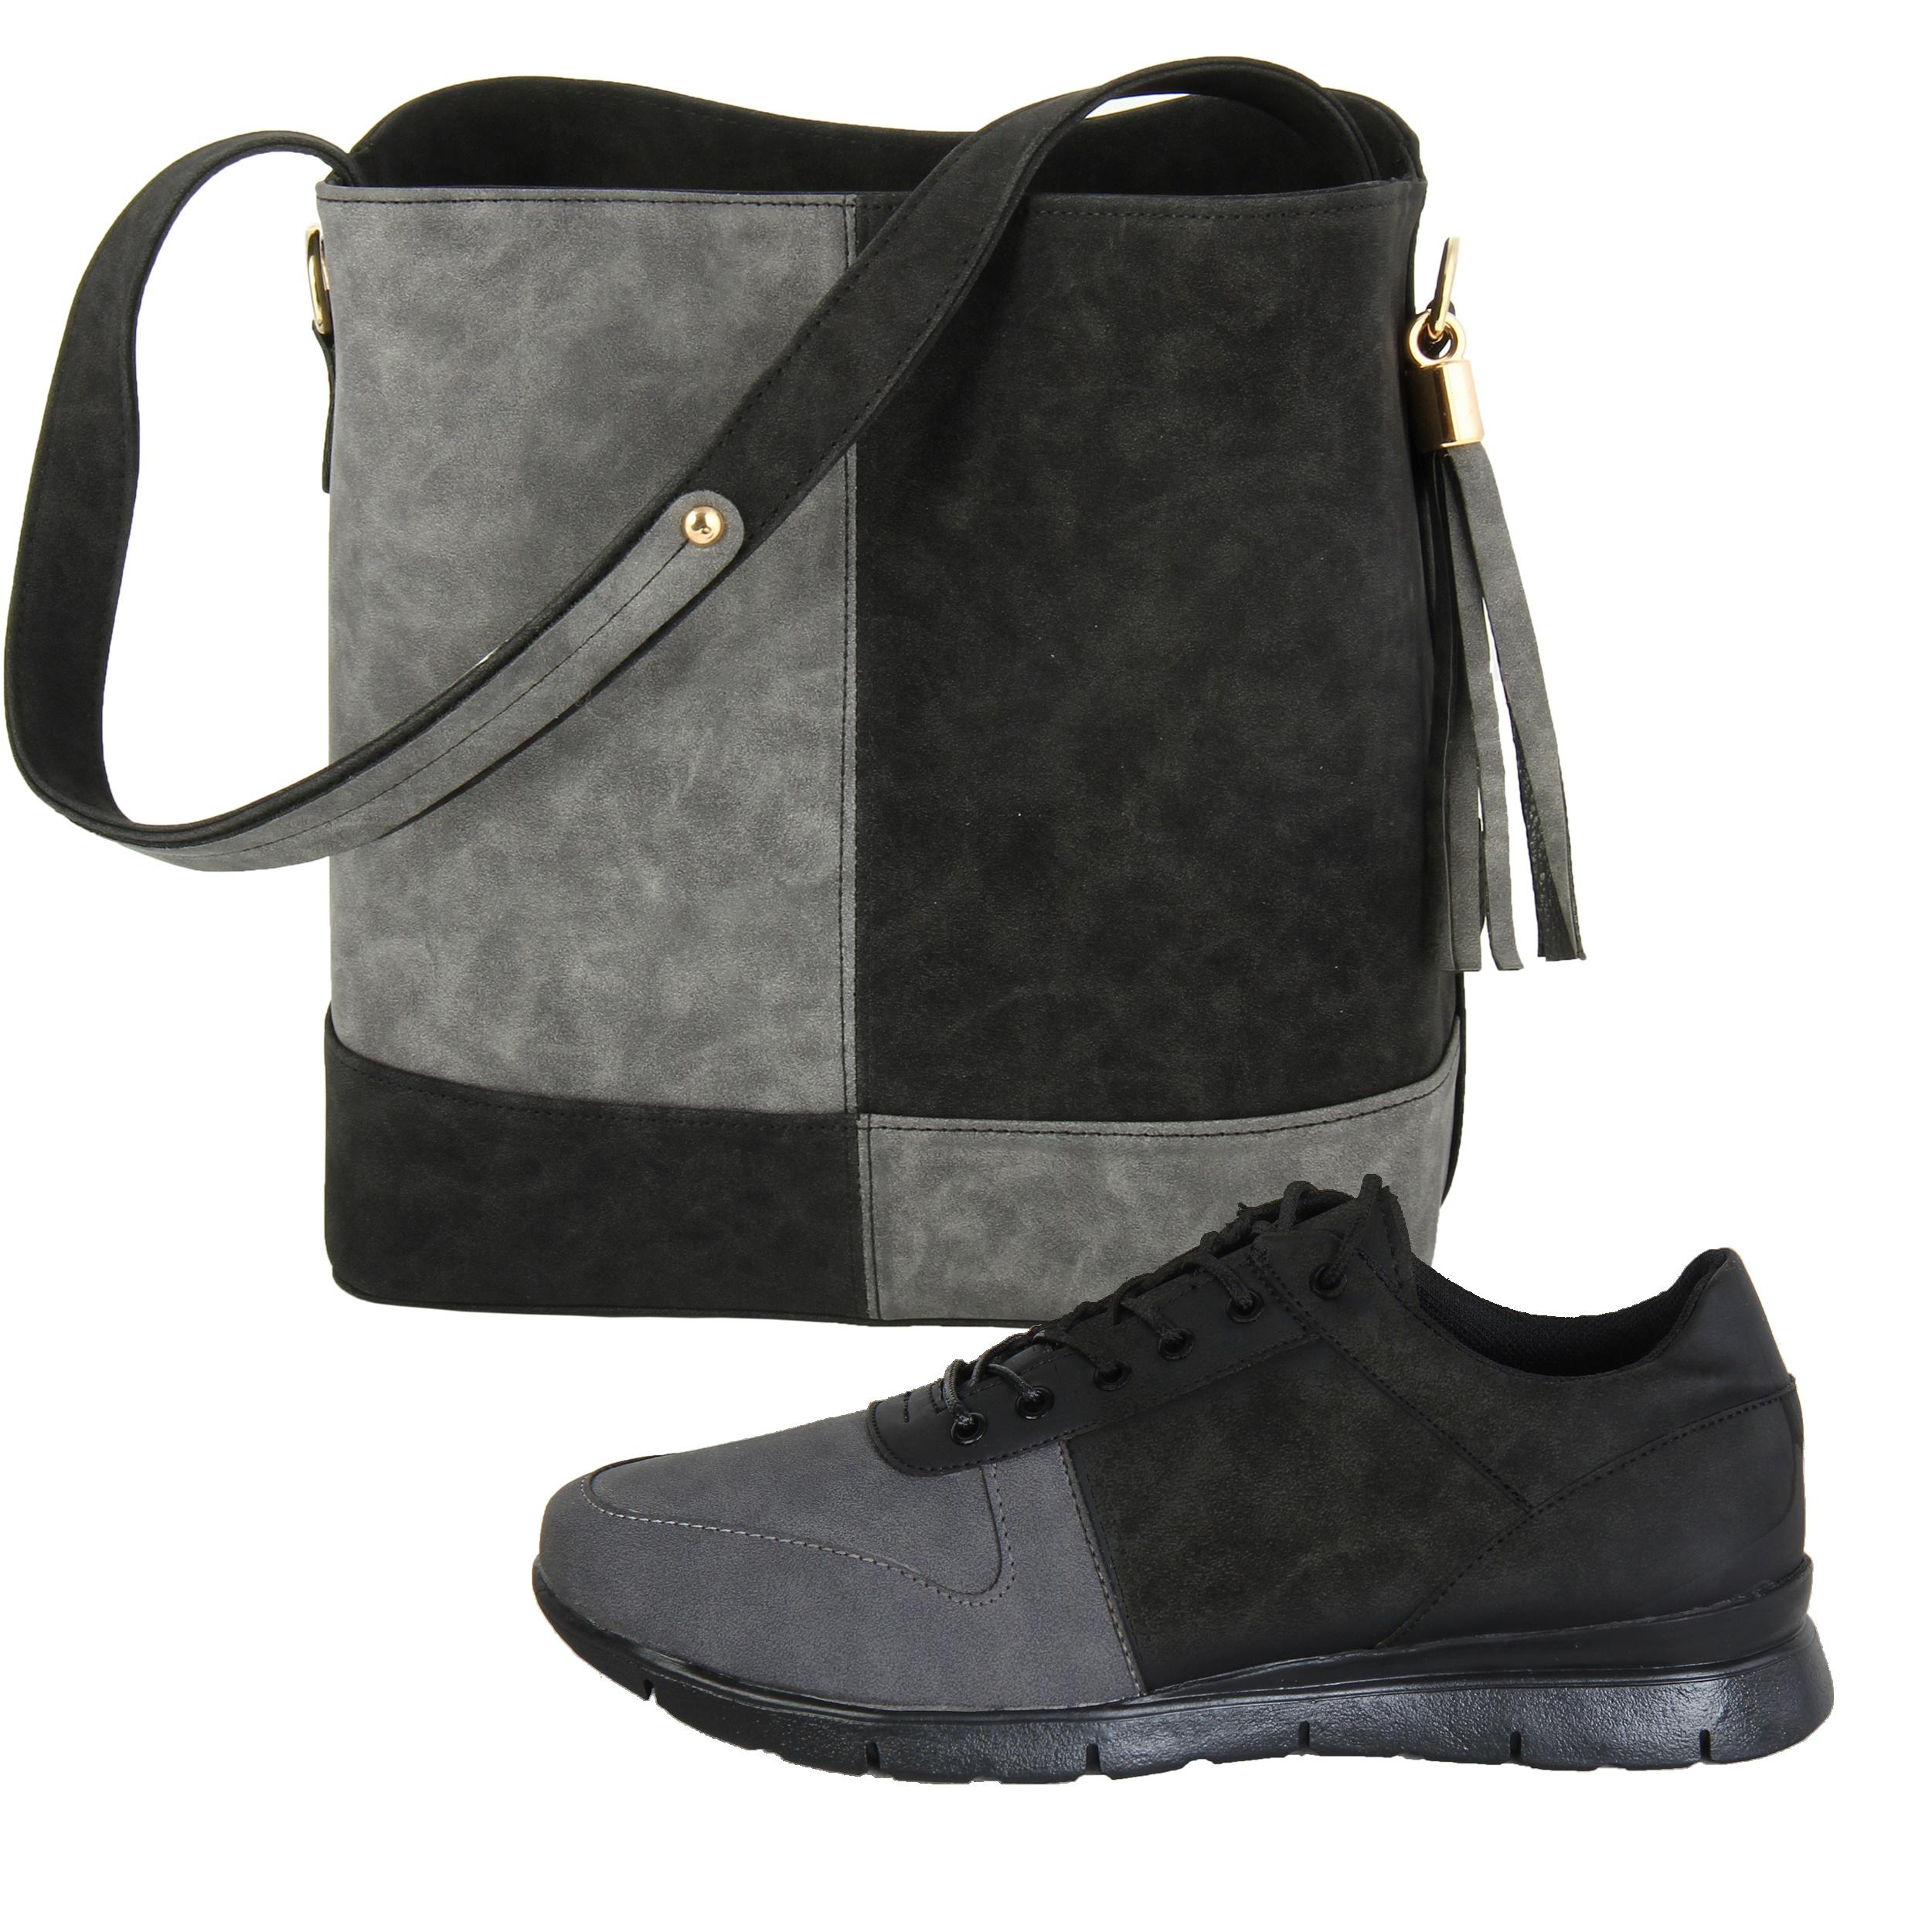 ست کیف و کفش زنانه کد 135